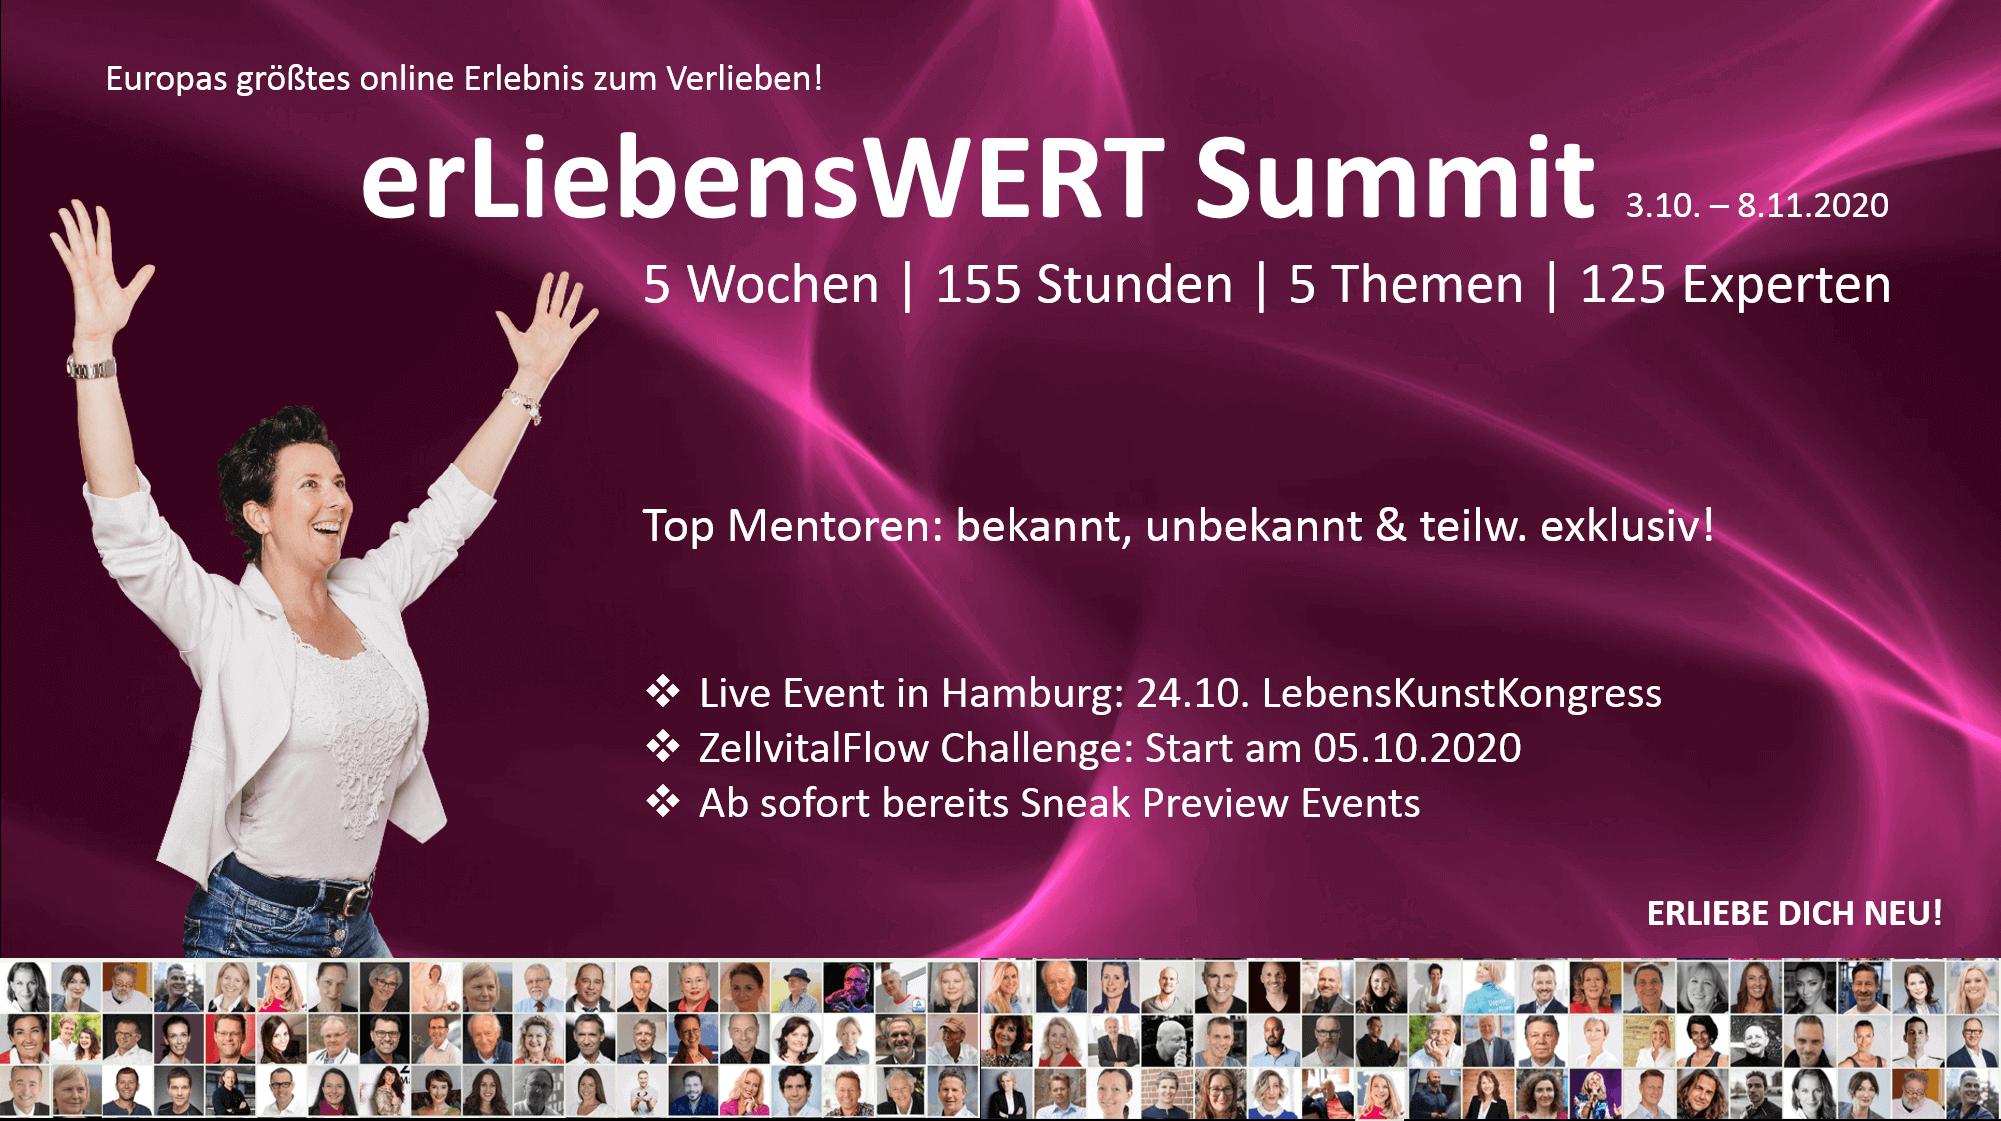 ErLiebensWERT Summit 5 Wochen   125 Experten